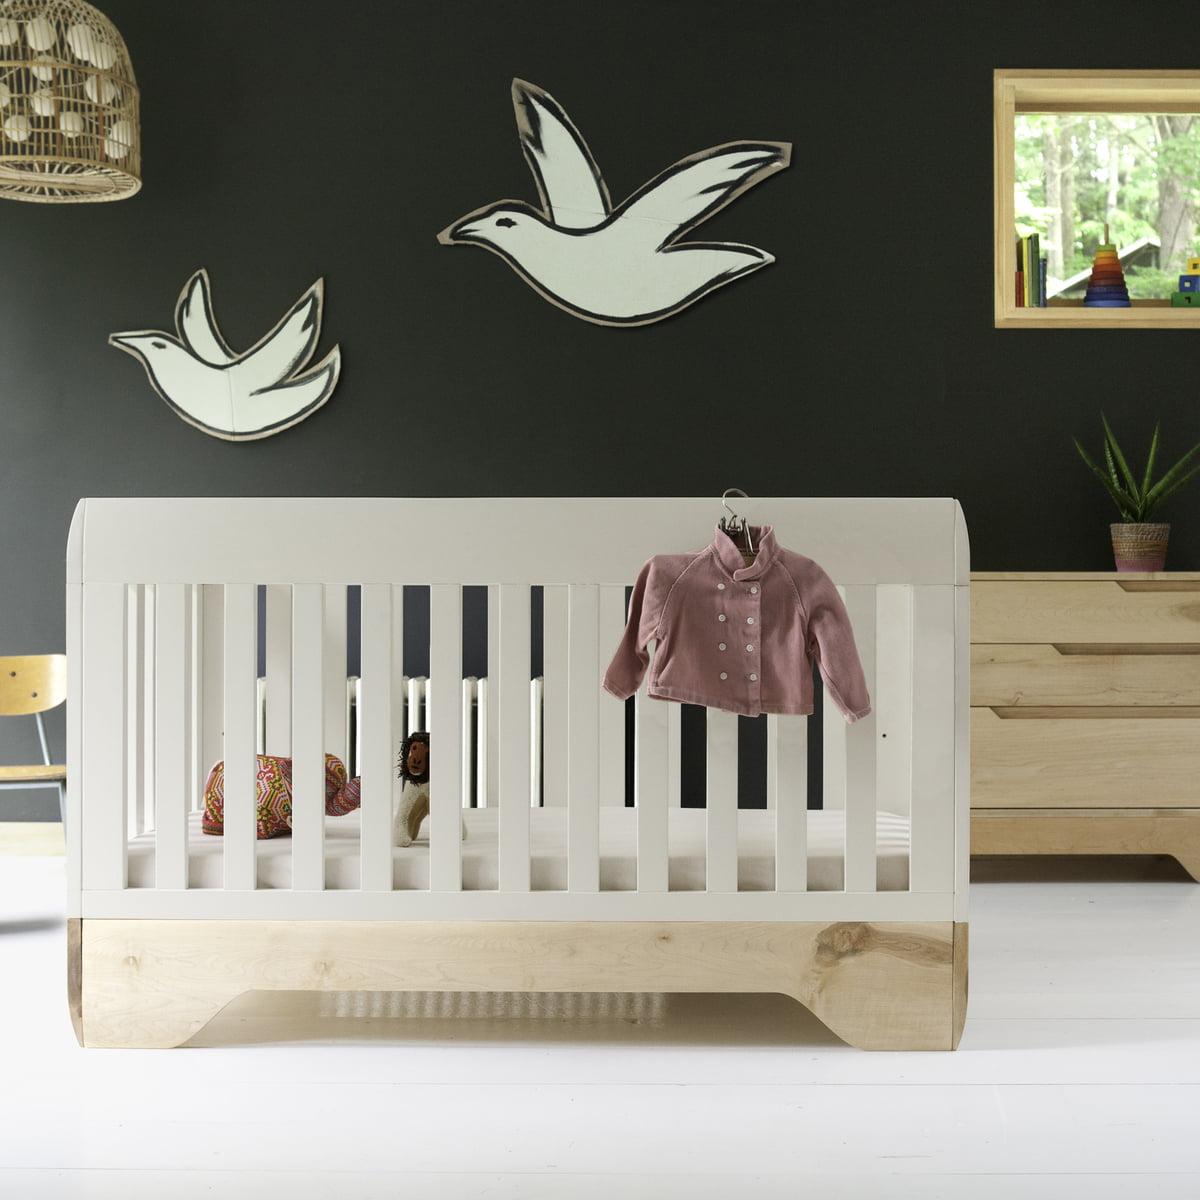 lit b b et enfant echo de kalon dans la boutique. Black Bedroom Furniture Sets. Home Design Ideas